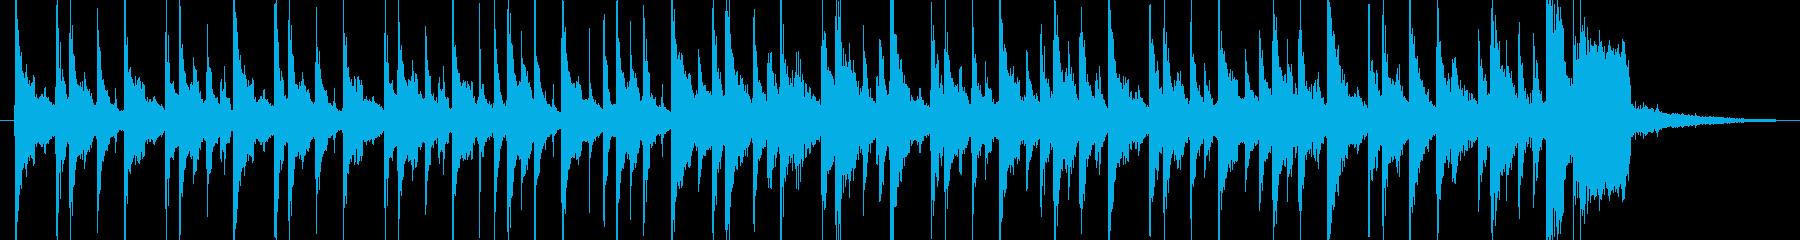 サンバっぽいリズムのんの再生済みの波形